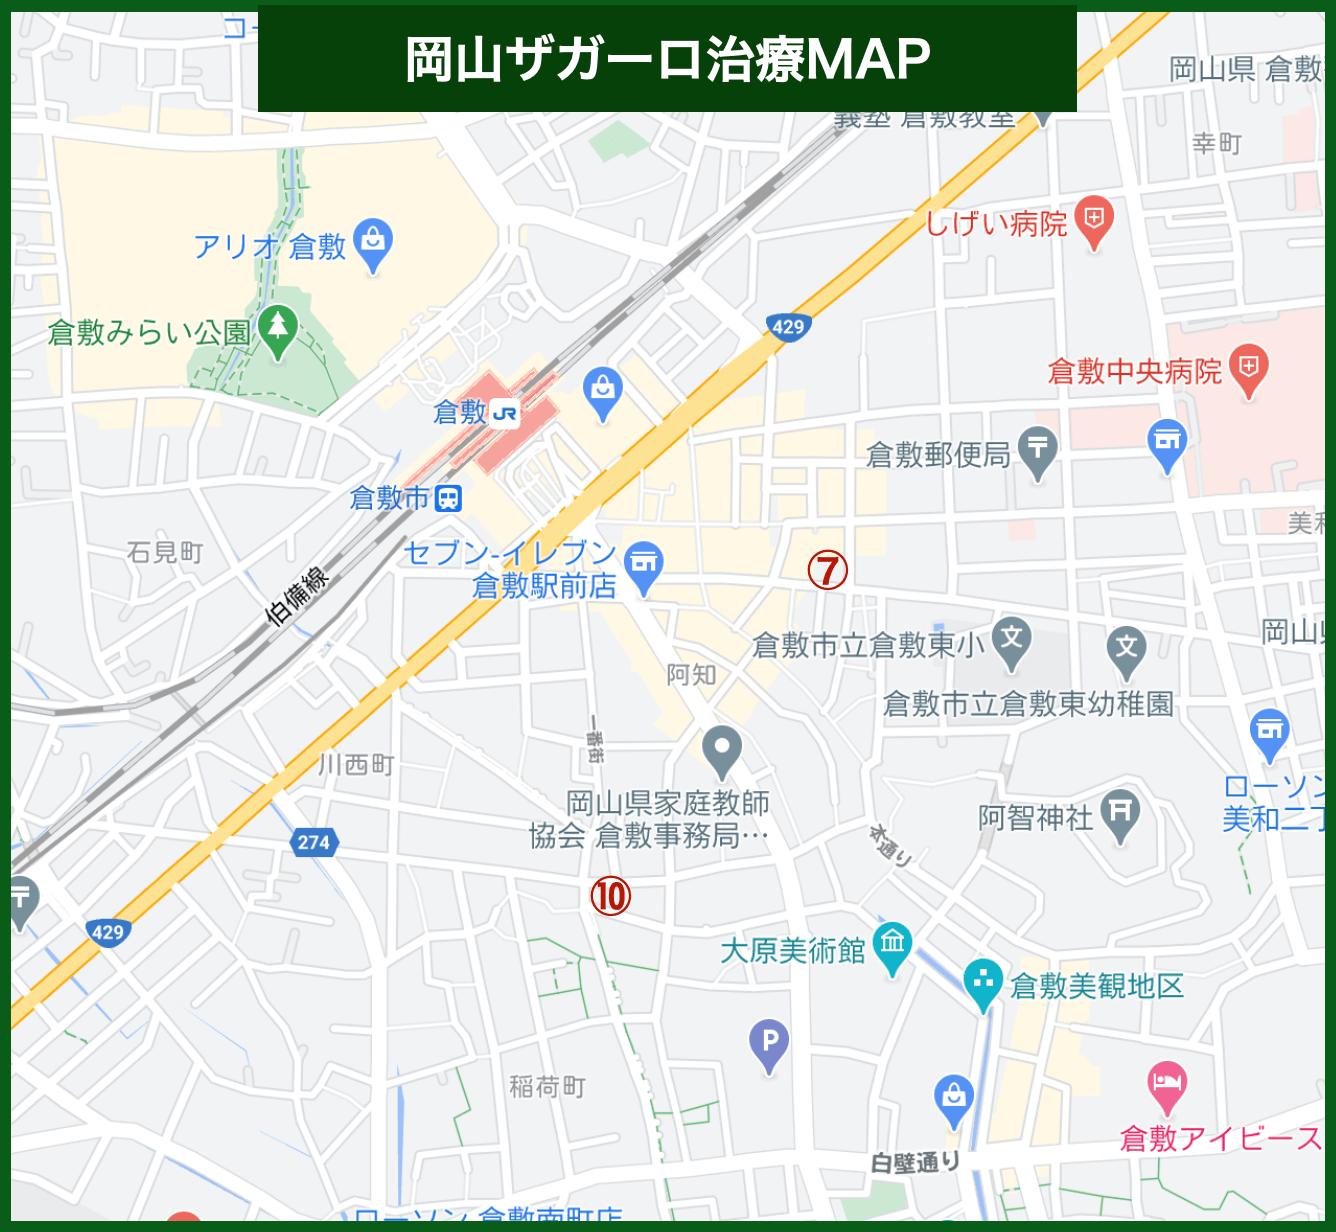 岡山ザガーロ治療MAP